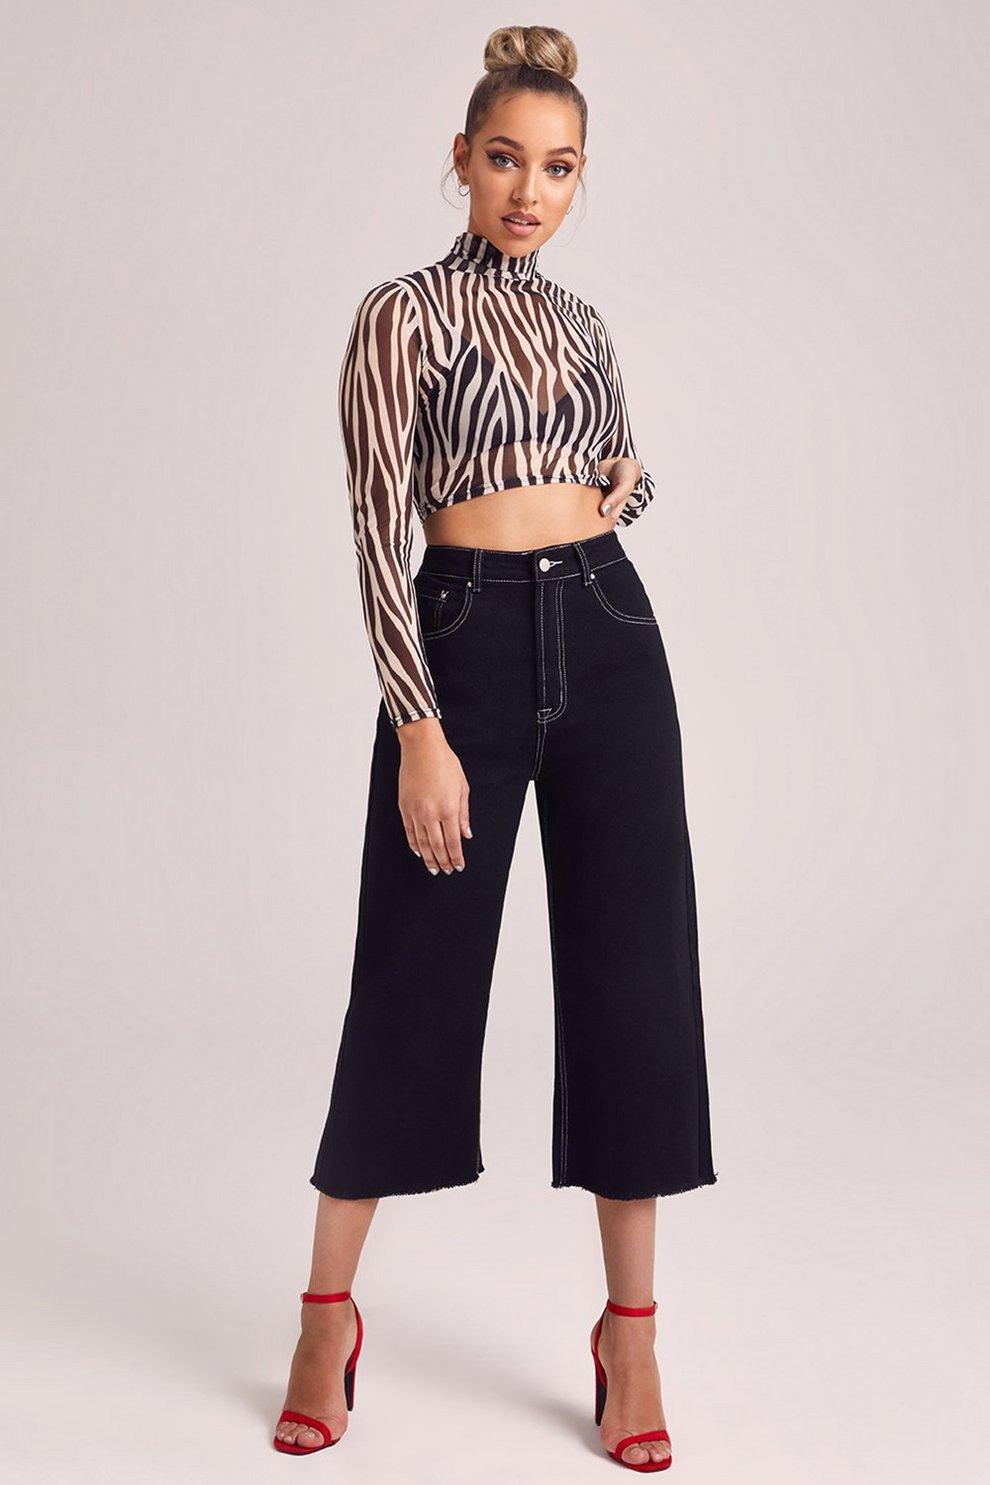 55e60fe7e086 Womens Black High Rise Contrast Stitch Crop Wide Leg Jeans